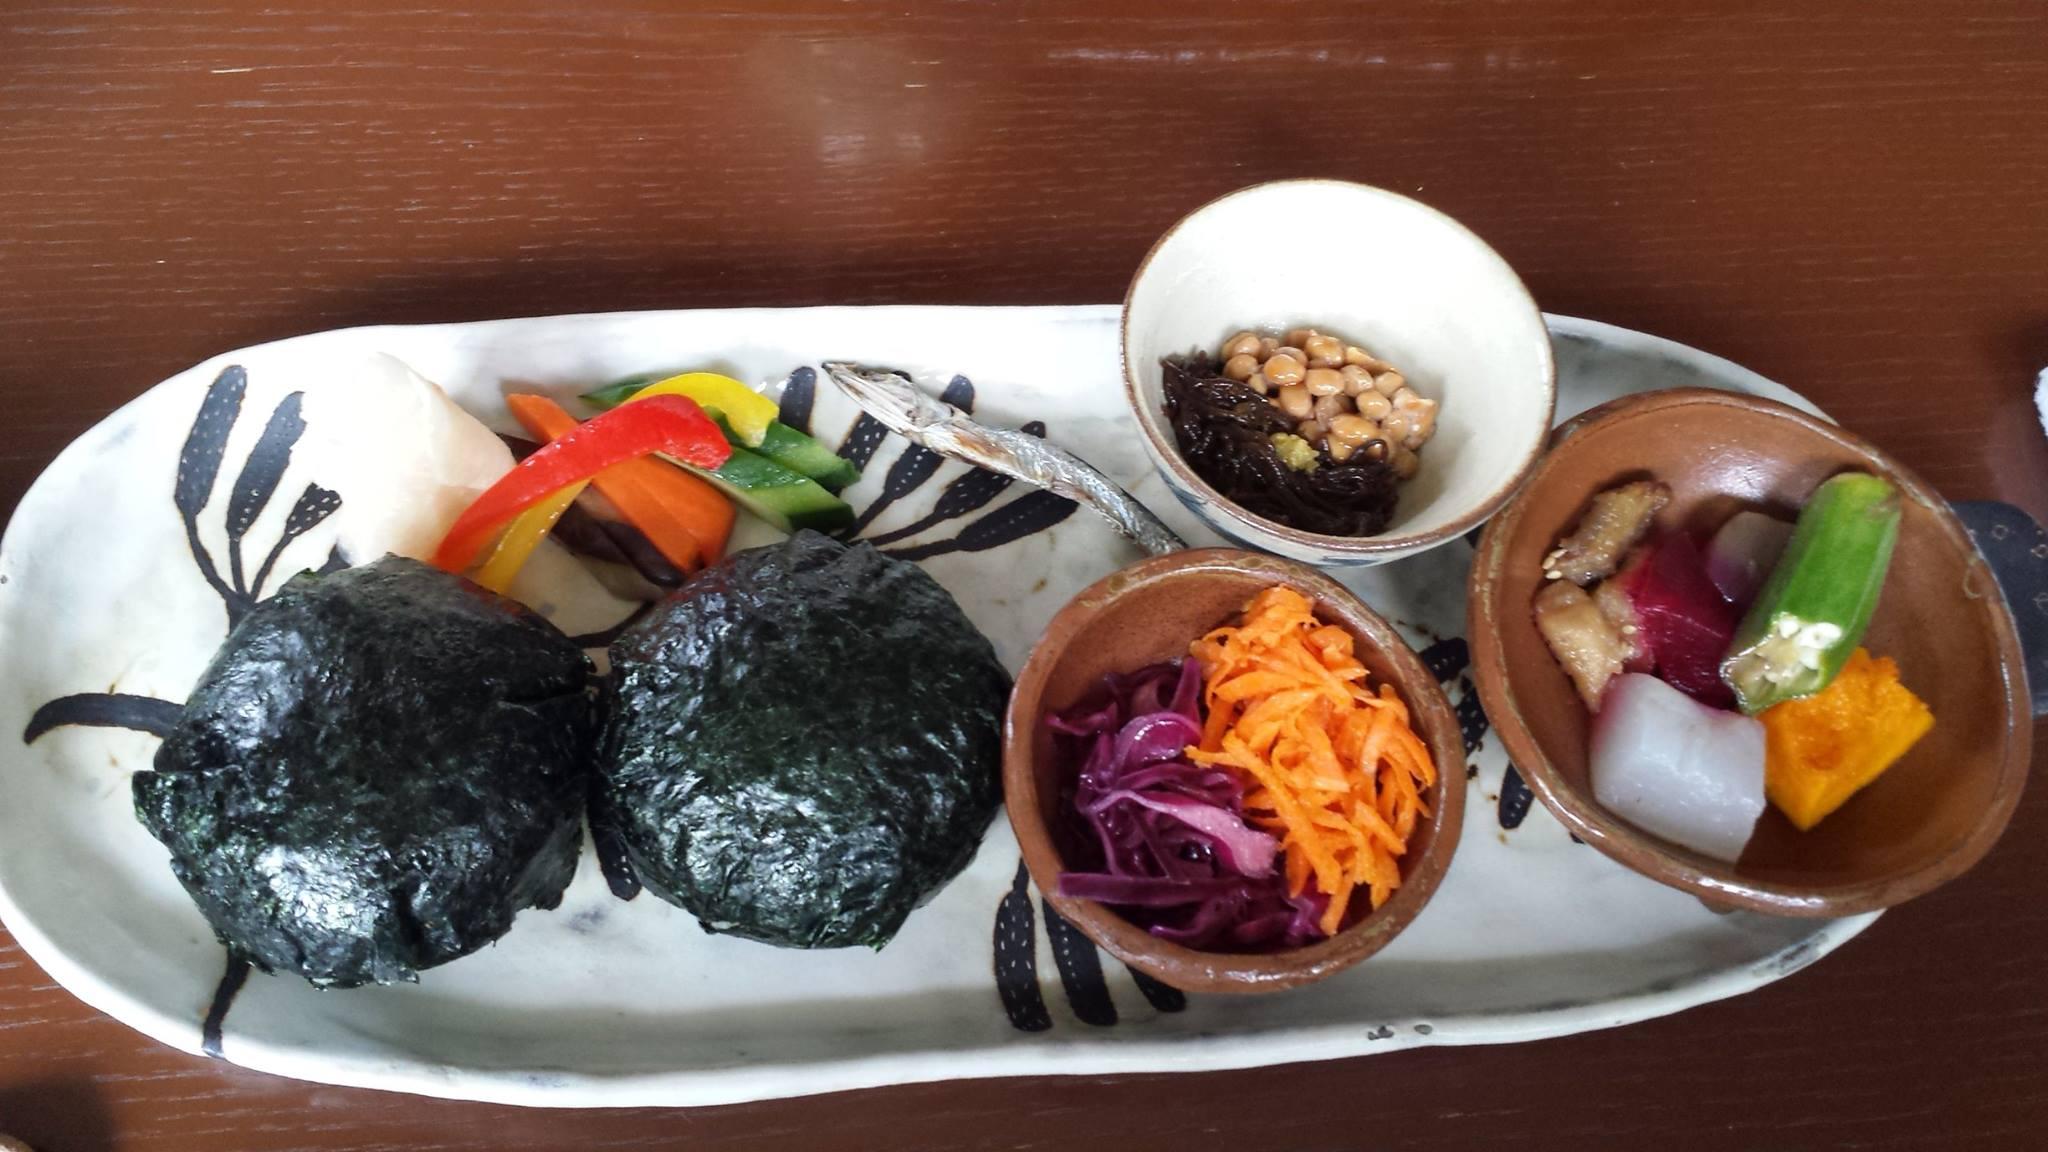 佐藤初女さん直伝のおむすびが食べられる沖縄の「めぇみち」_f0186787_1802437.jpg